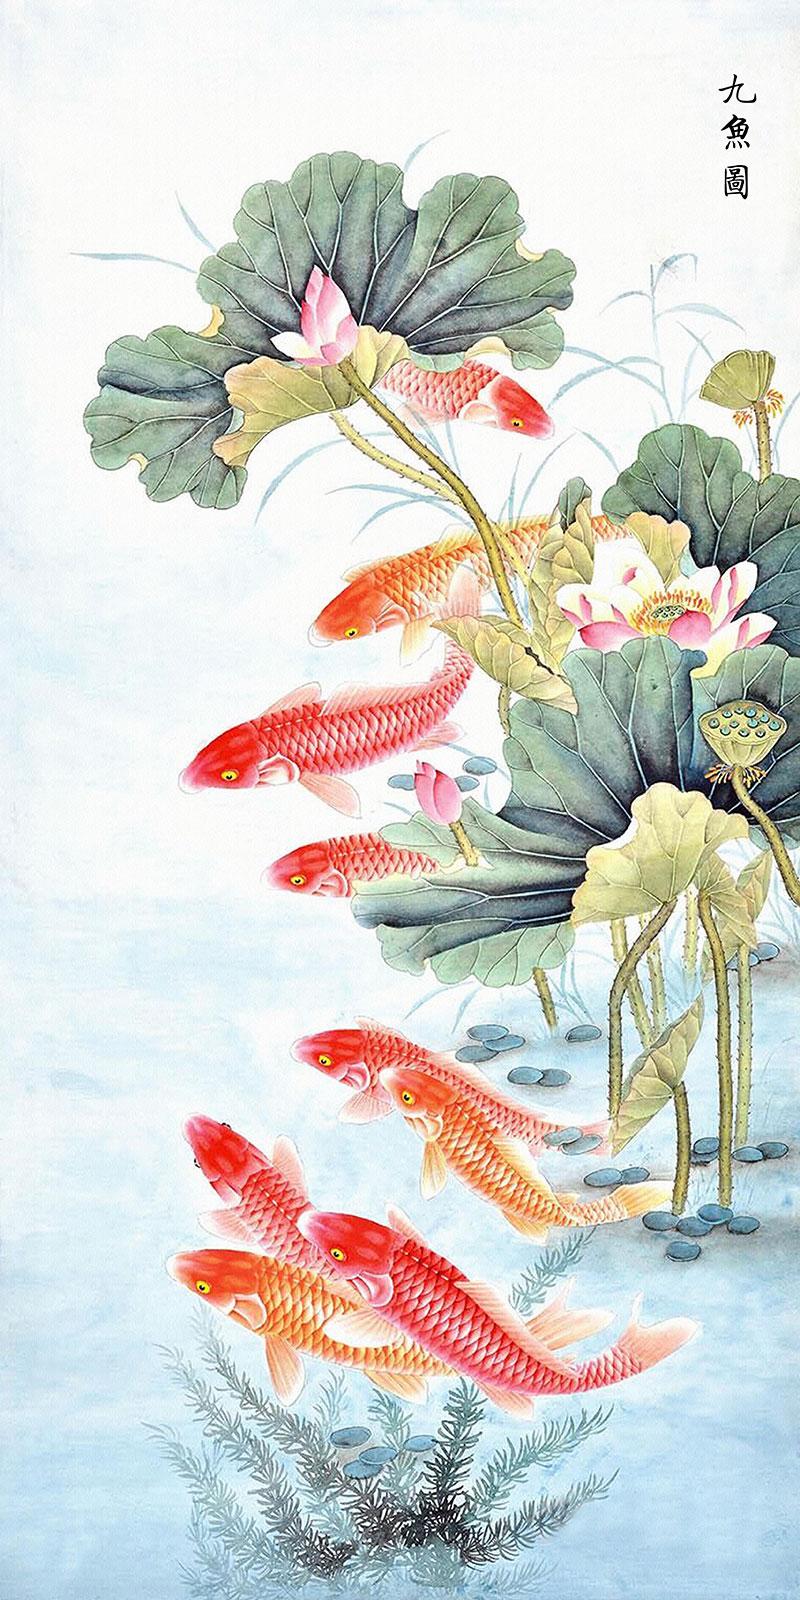 xt10372中式玄关荷花水草金鱼锦鲤鱼九鱼图寓意